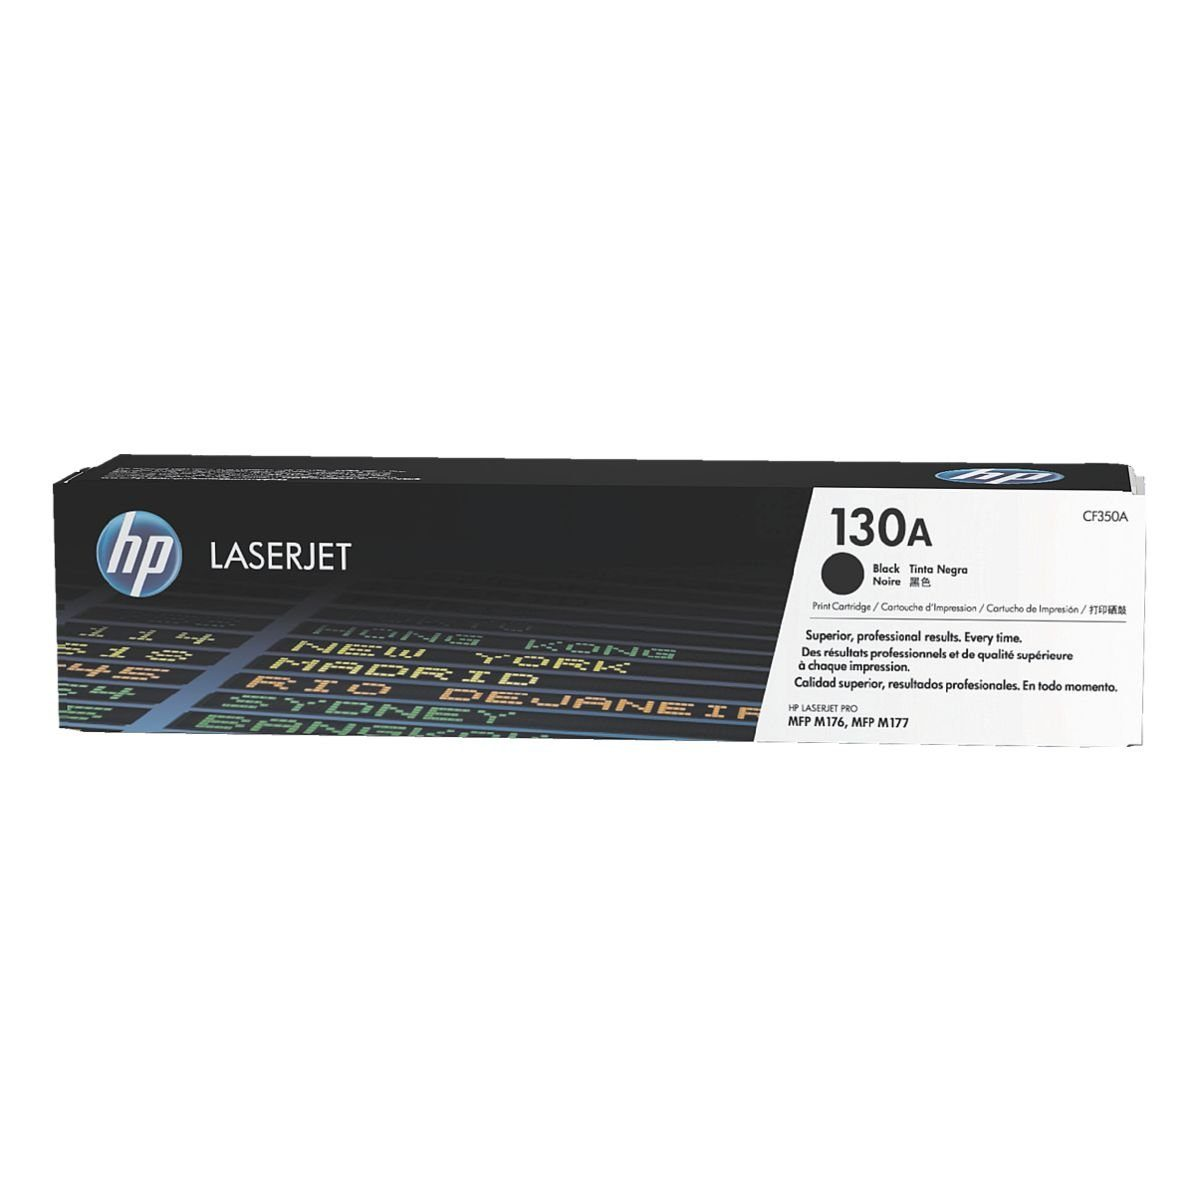 HP Druckkassette »HP CF350A« 130A